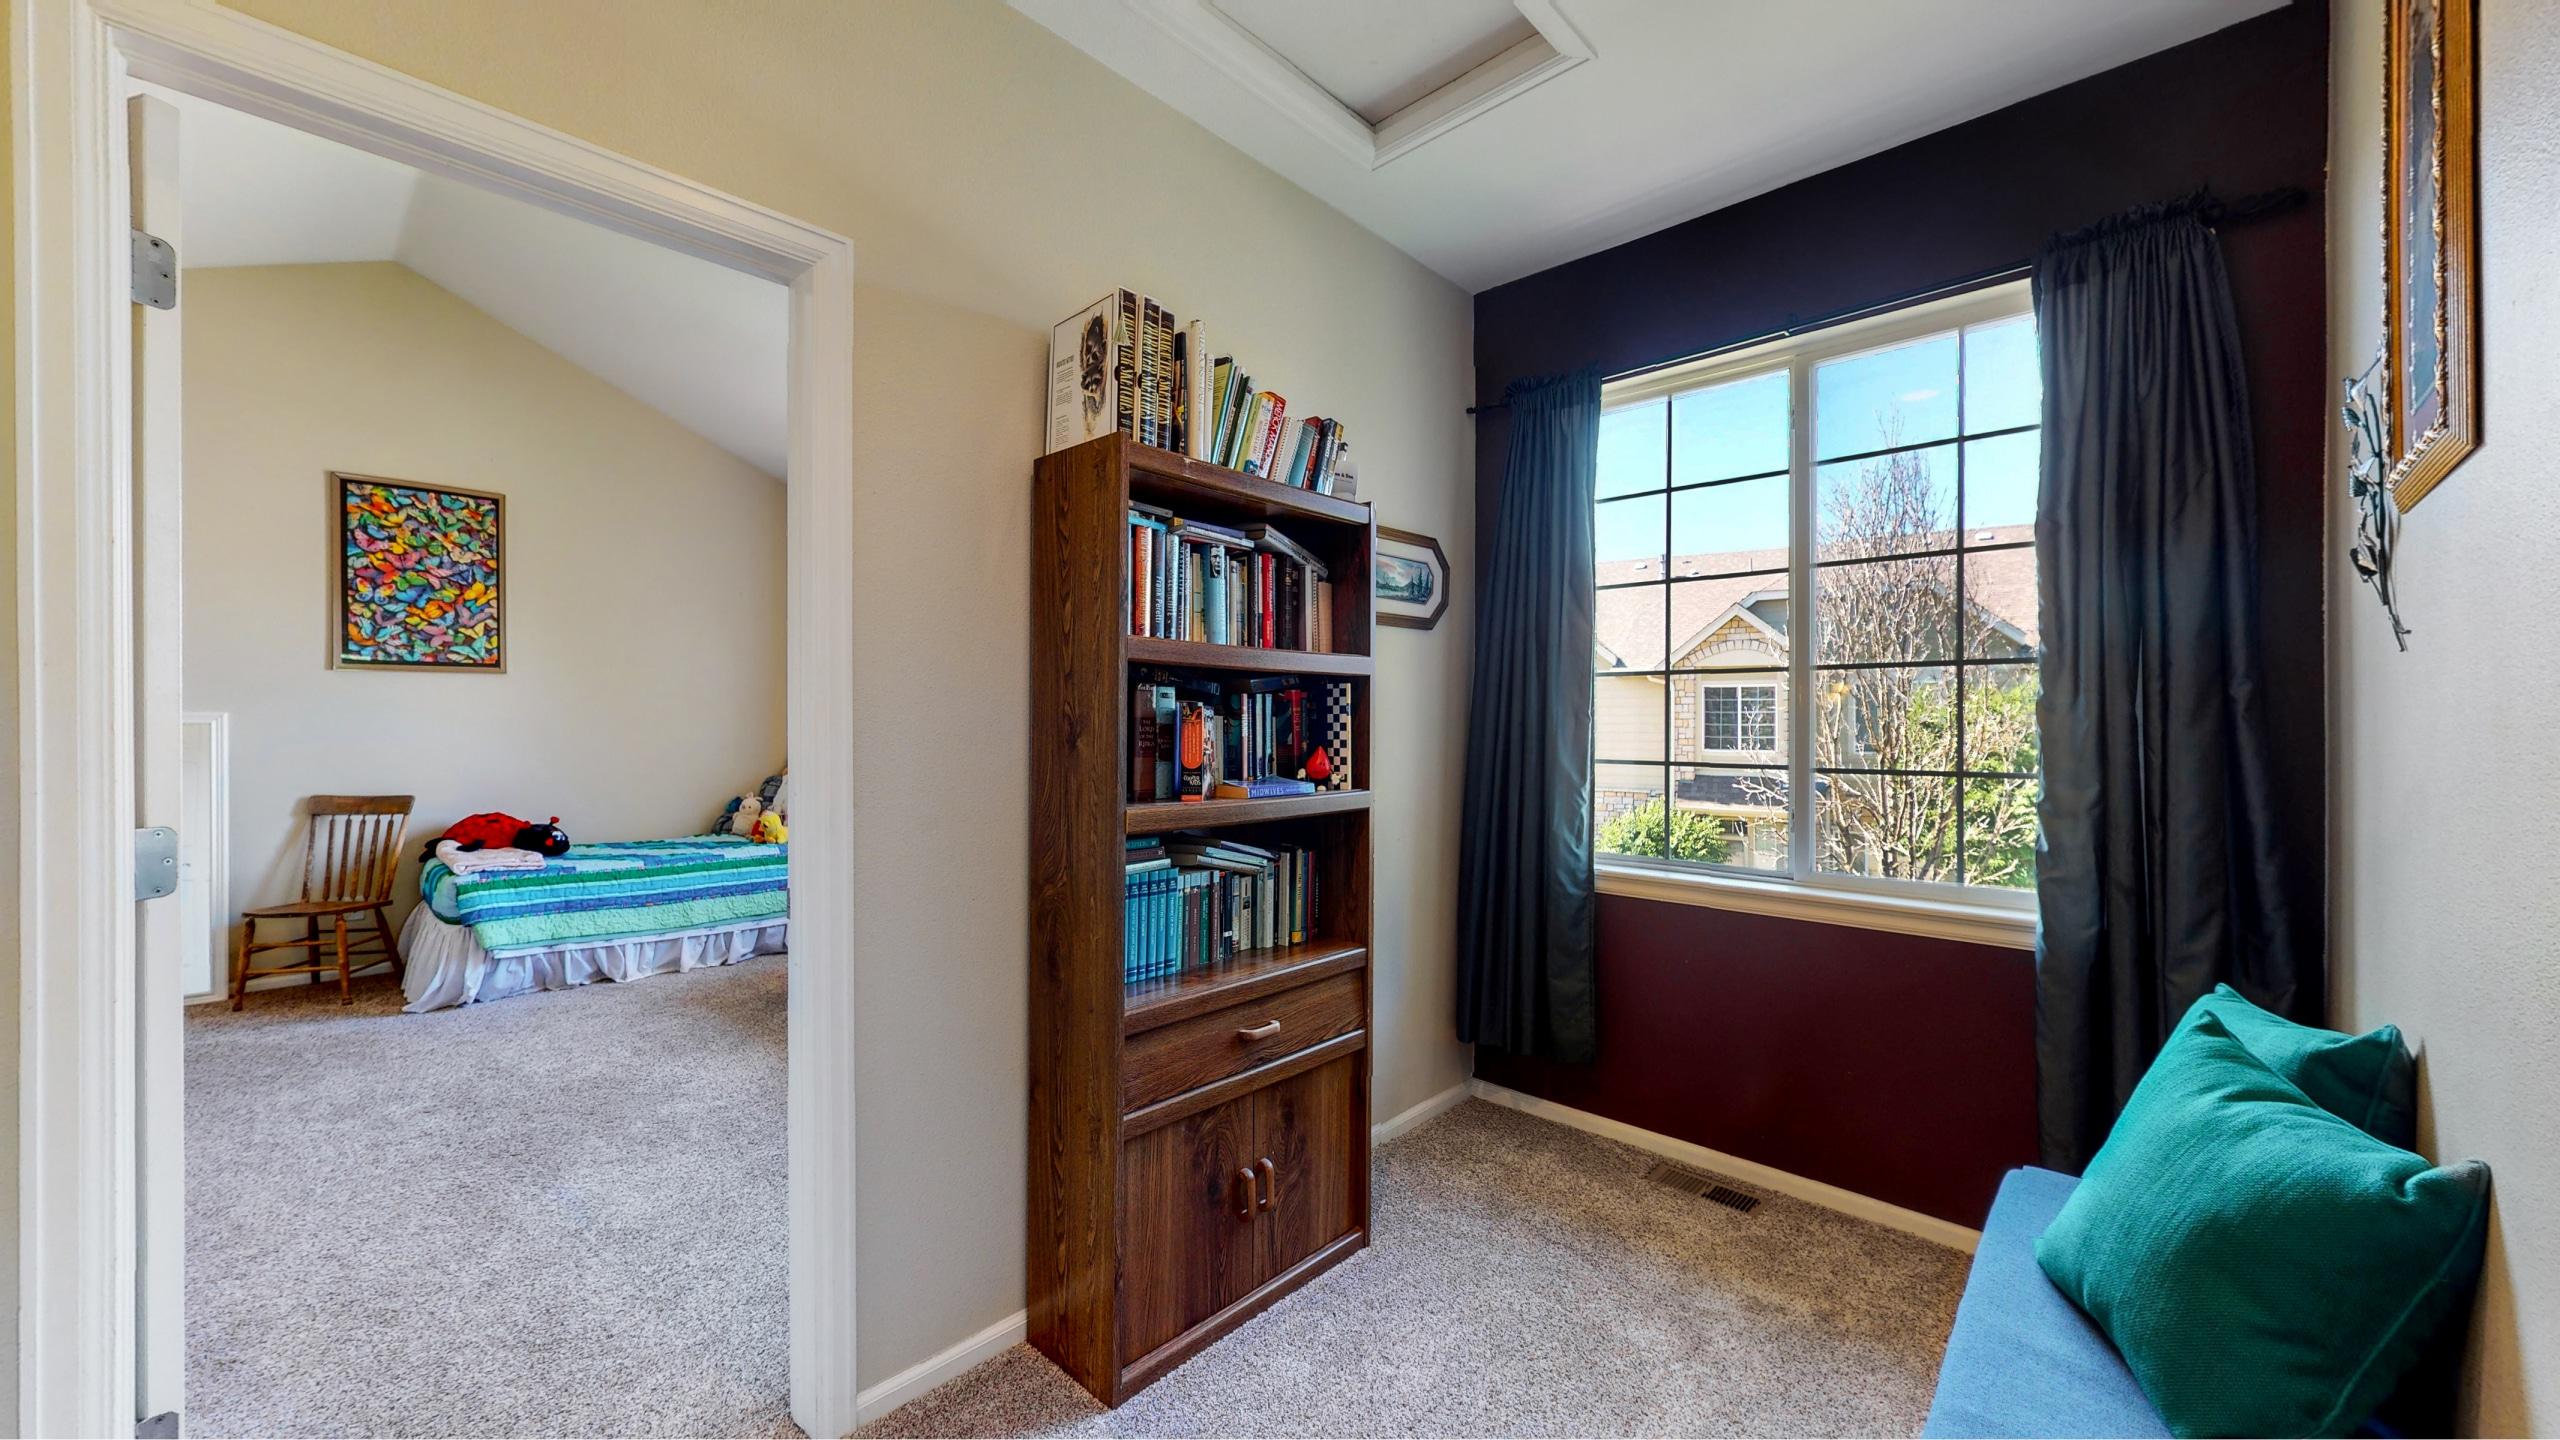 Reading Area In Between Two Bedrooms